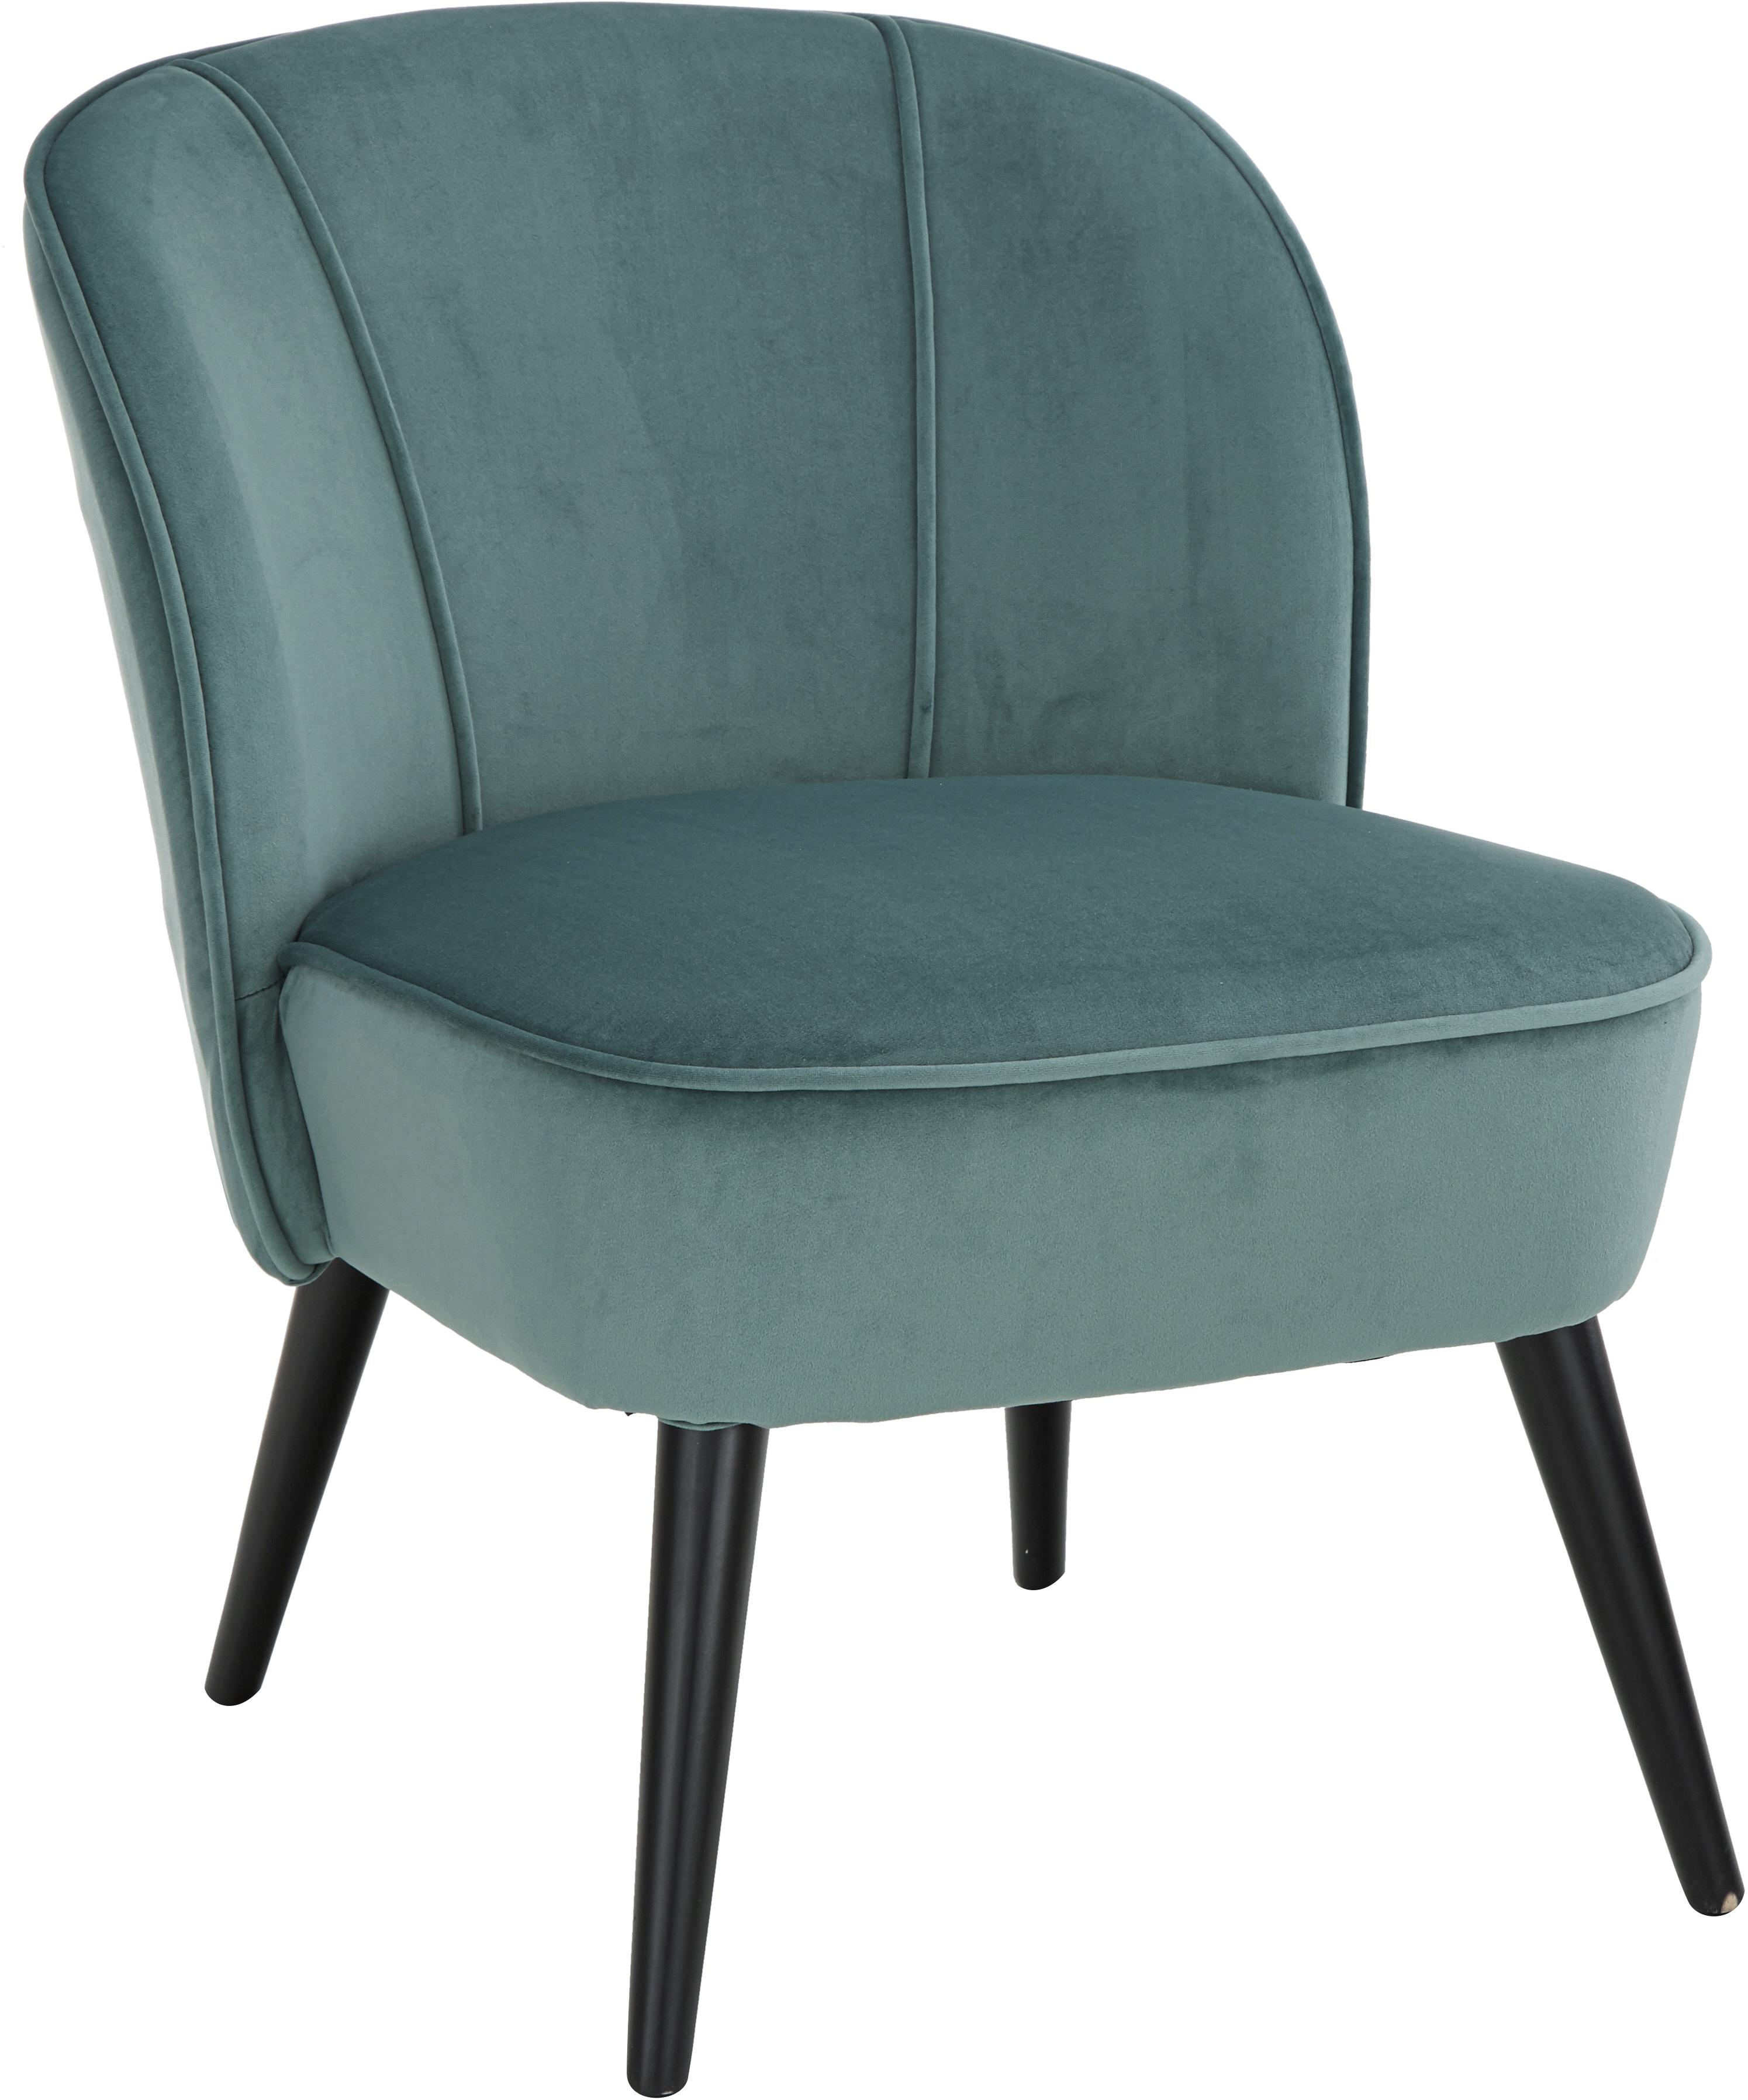 Fluwelen stoel Lucky, Bekleding: fluweel (polyester), Poten: gelakt rubberhout, Bekleding: blauwgroen. Poten: zwart, B 59 x D 68 cm